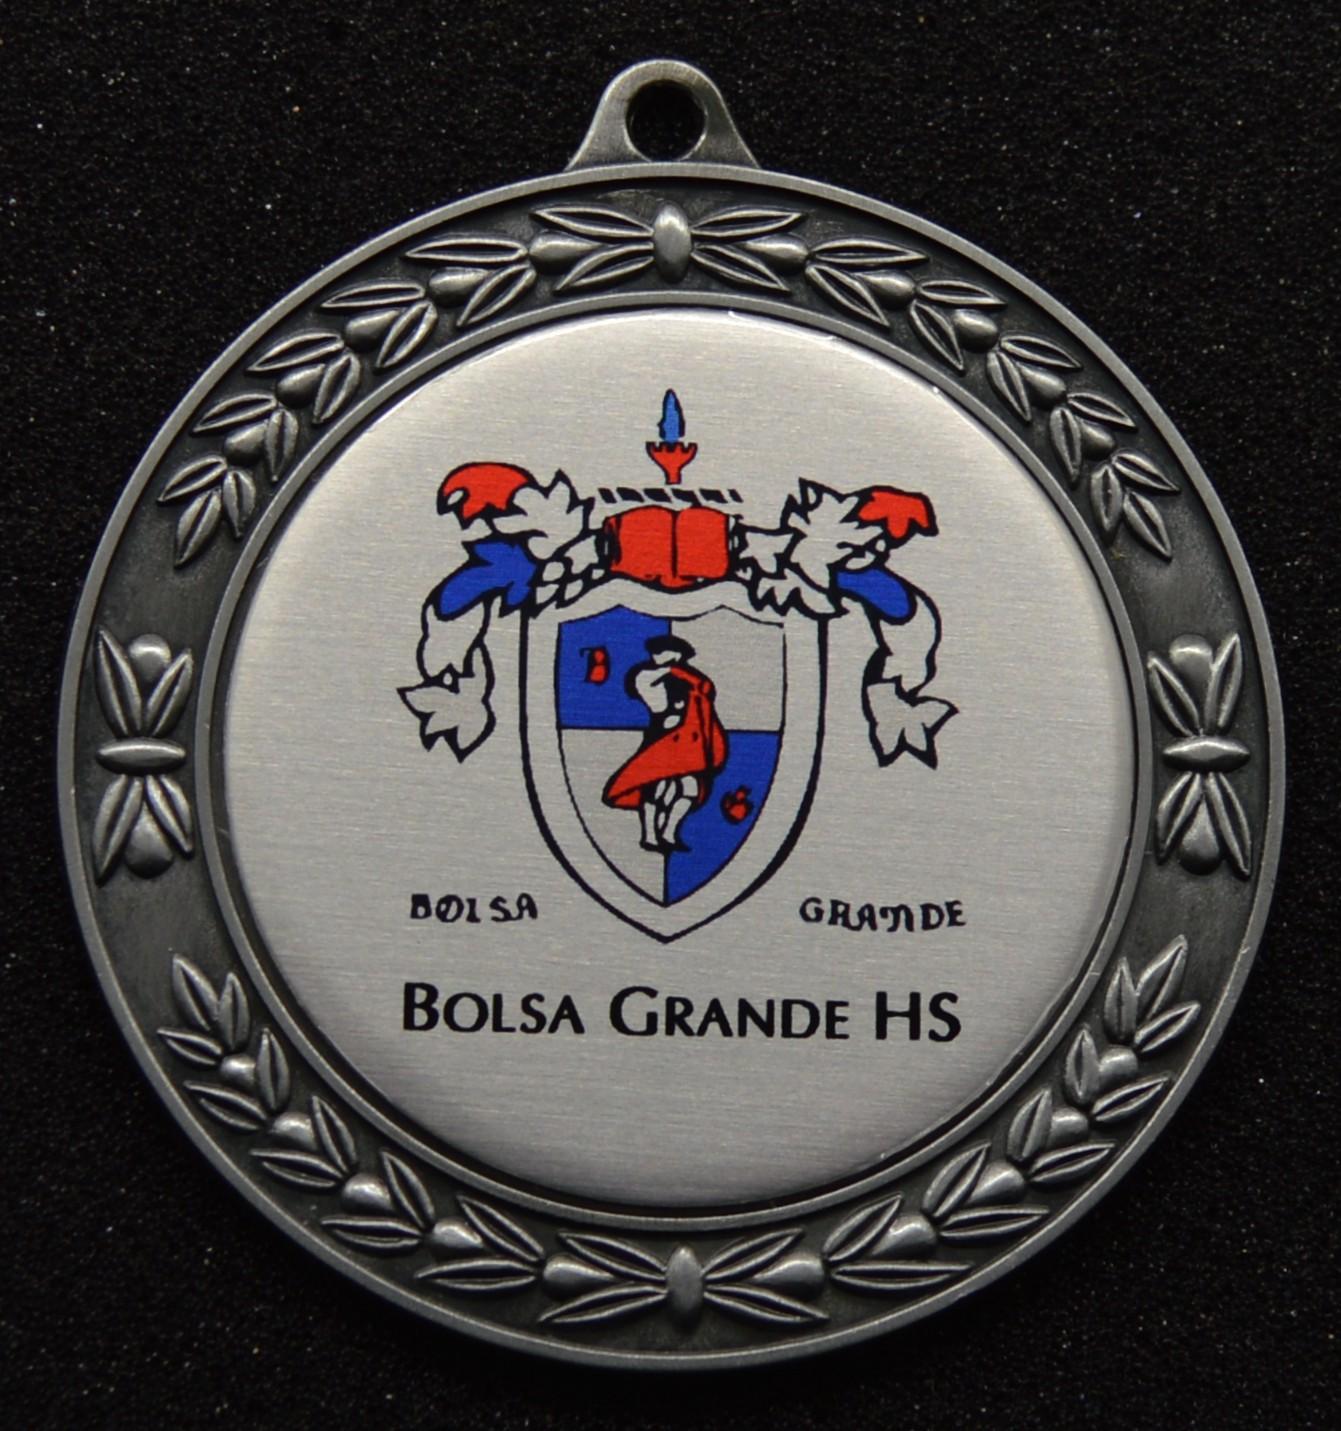 DT29 Medal